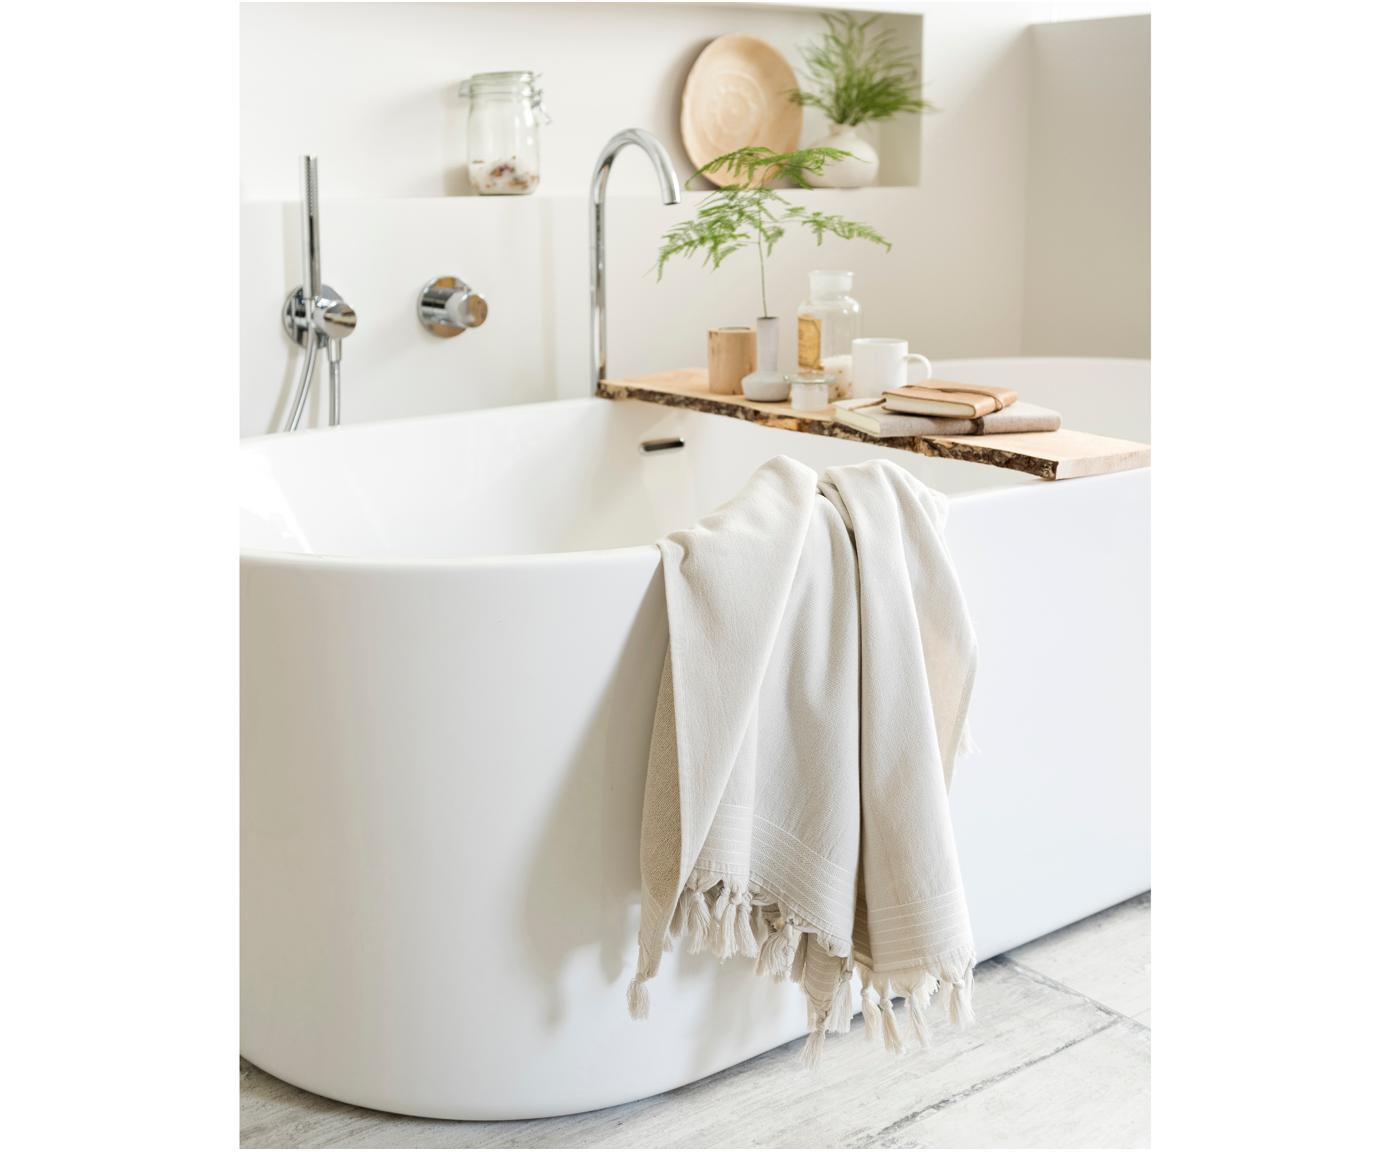 Hamamtuch Soft Cotton mit Frottee-Rückseite, Rückseite: Frottee, Hellbeige, Weiß, 100 x 180 cm